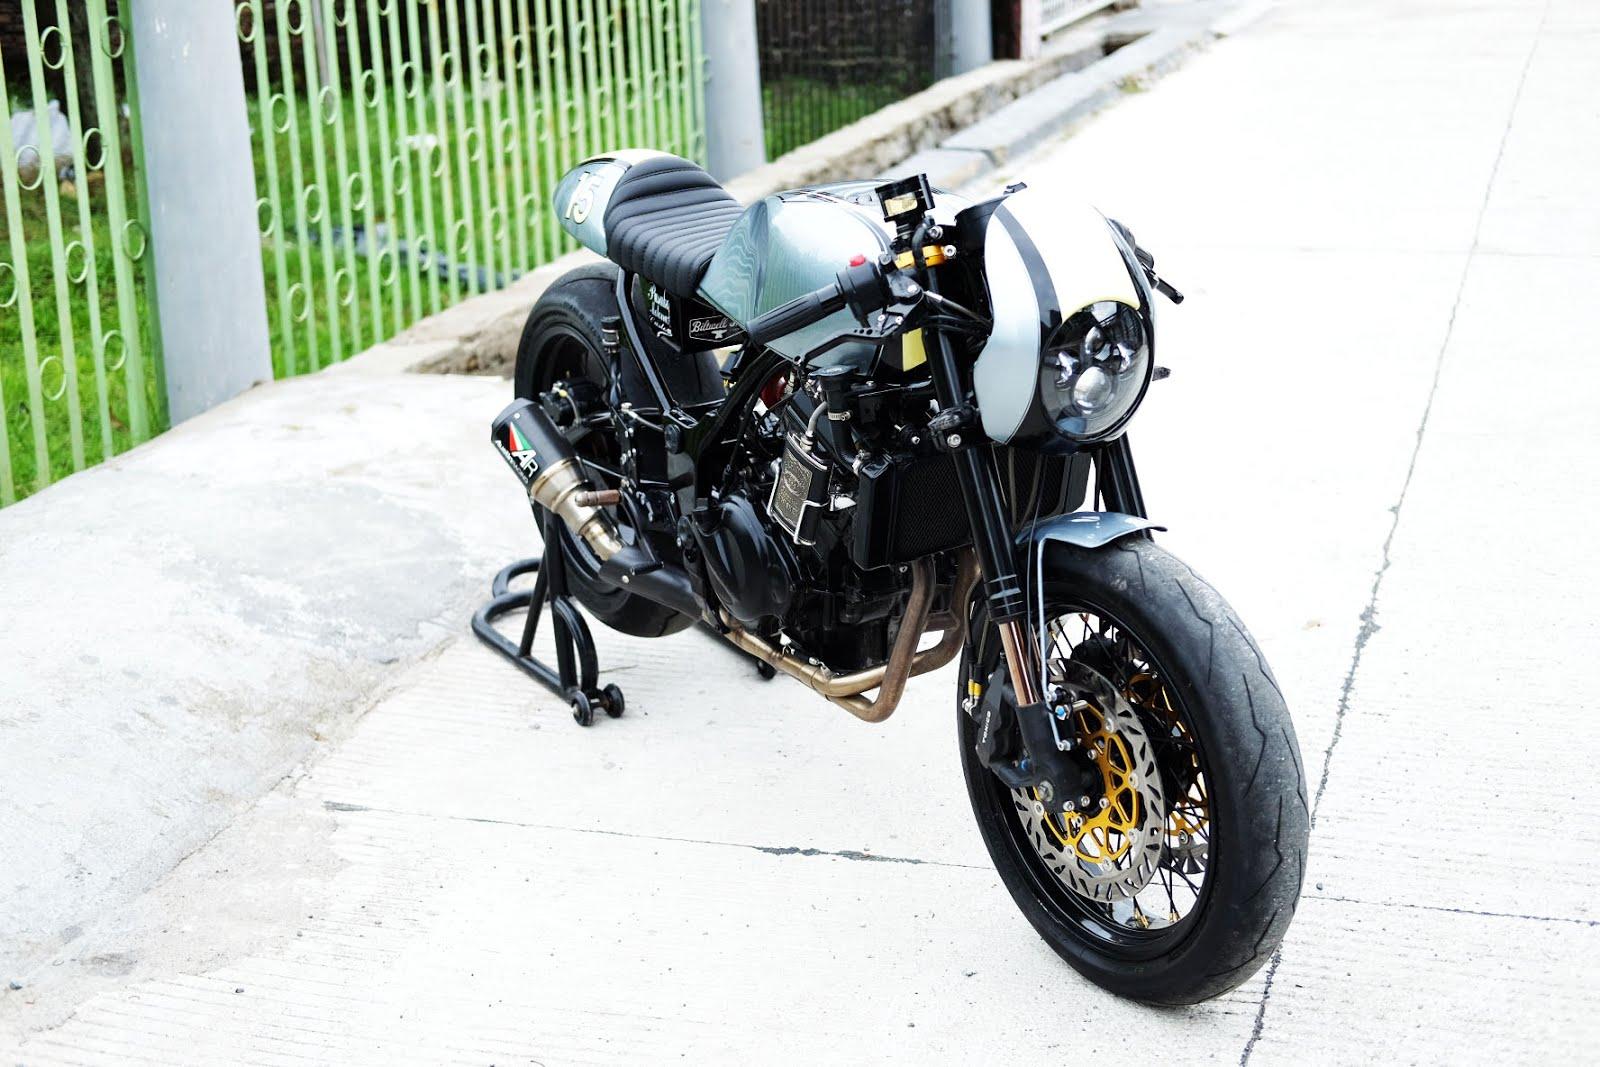 Kawasaki Ninja 250cc Cafe Racer 3